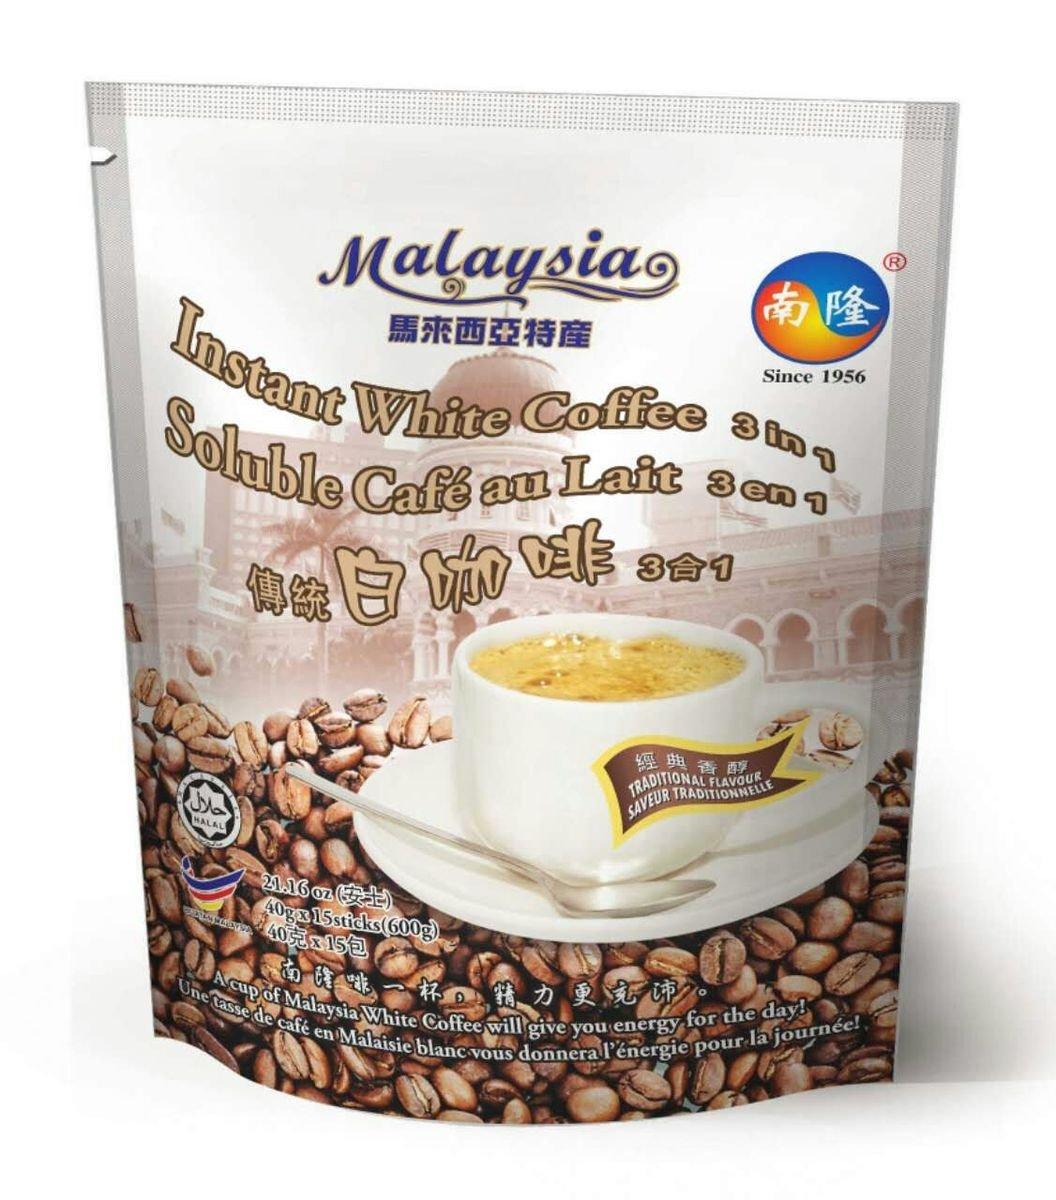 南隆即沖馬來西亞白咖啡, 傳統3合1混合式, 600克(40克 x 15條)